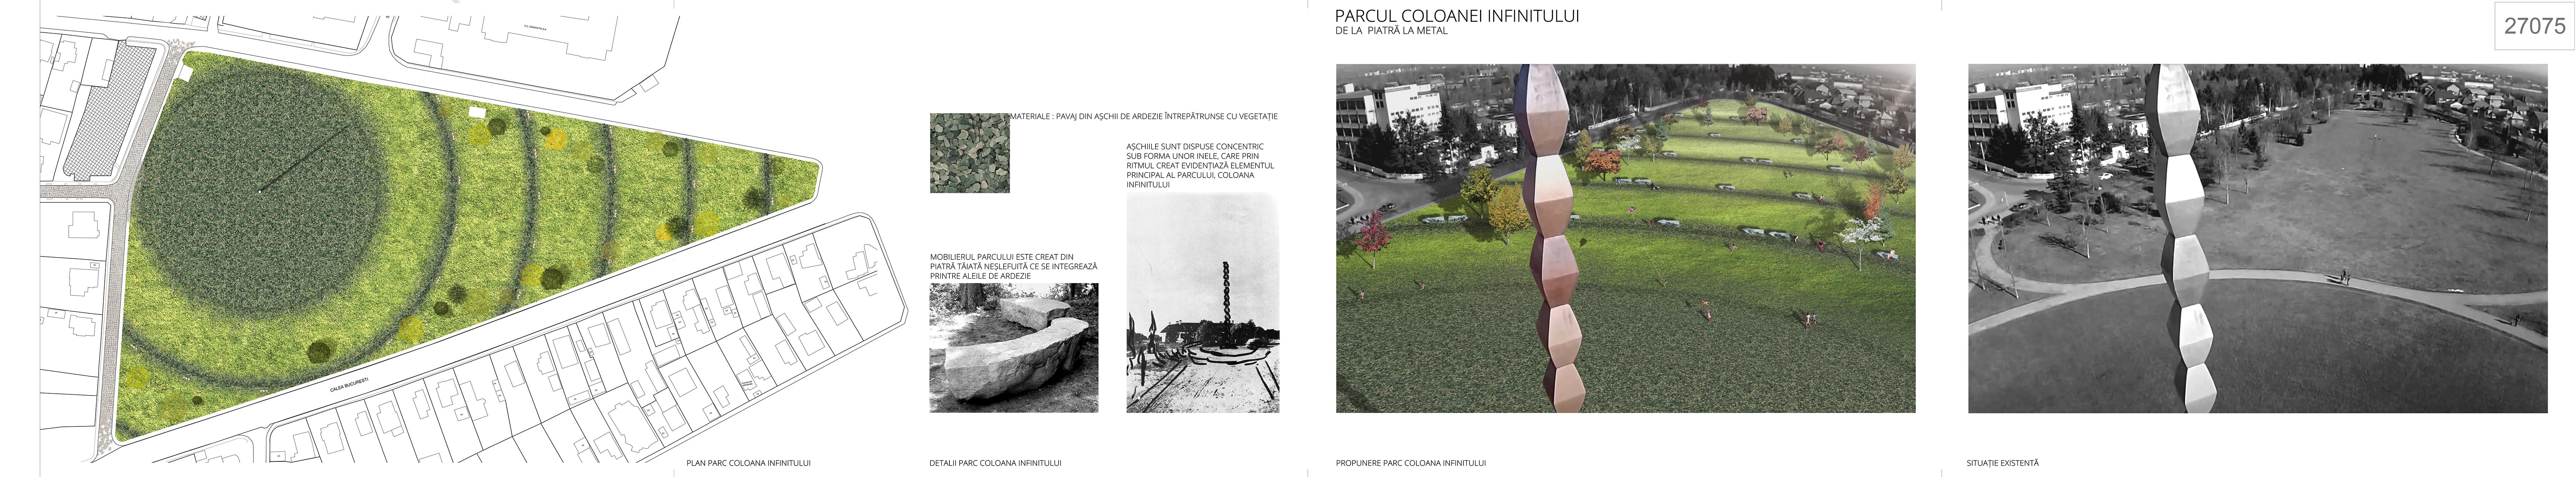 07---Parcul-Coloanei-Infinitului